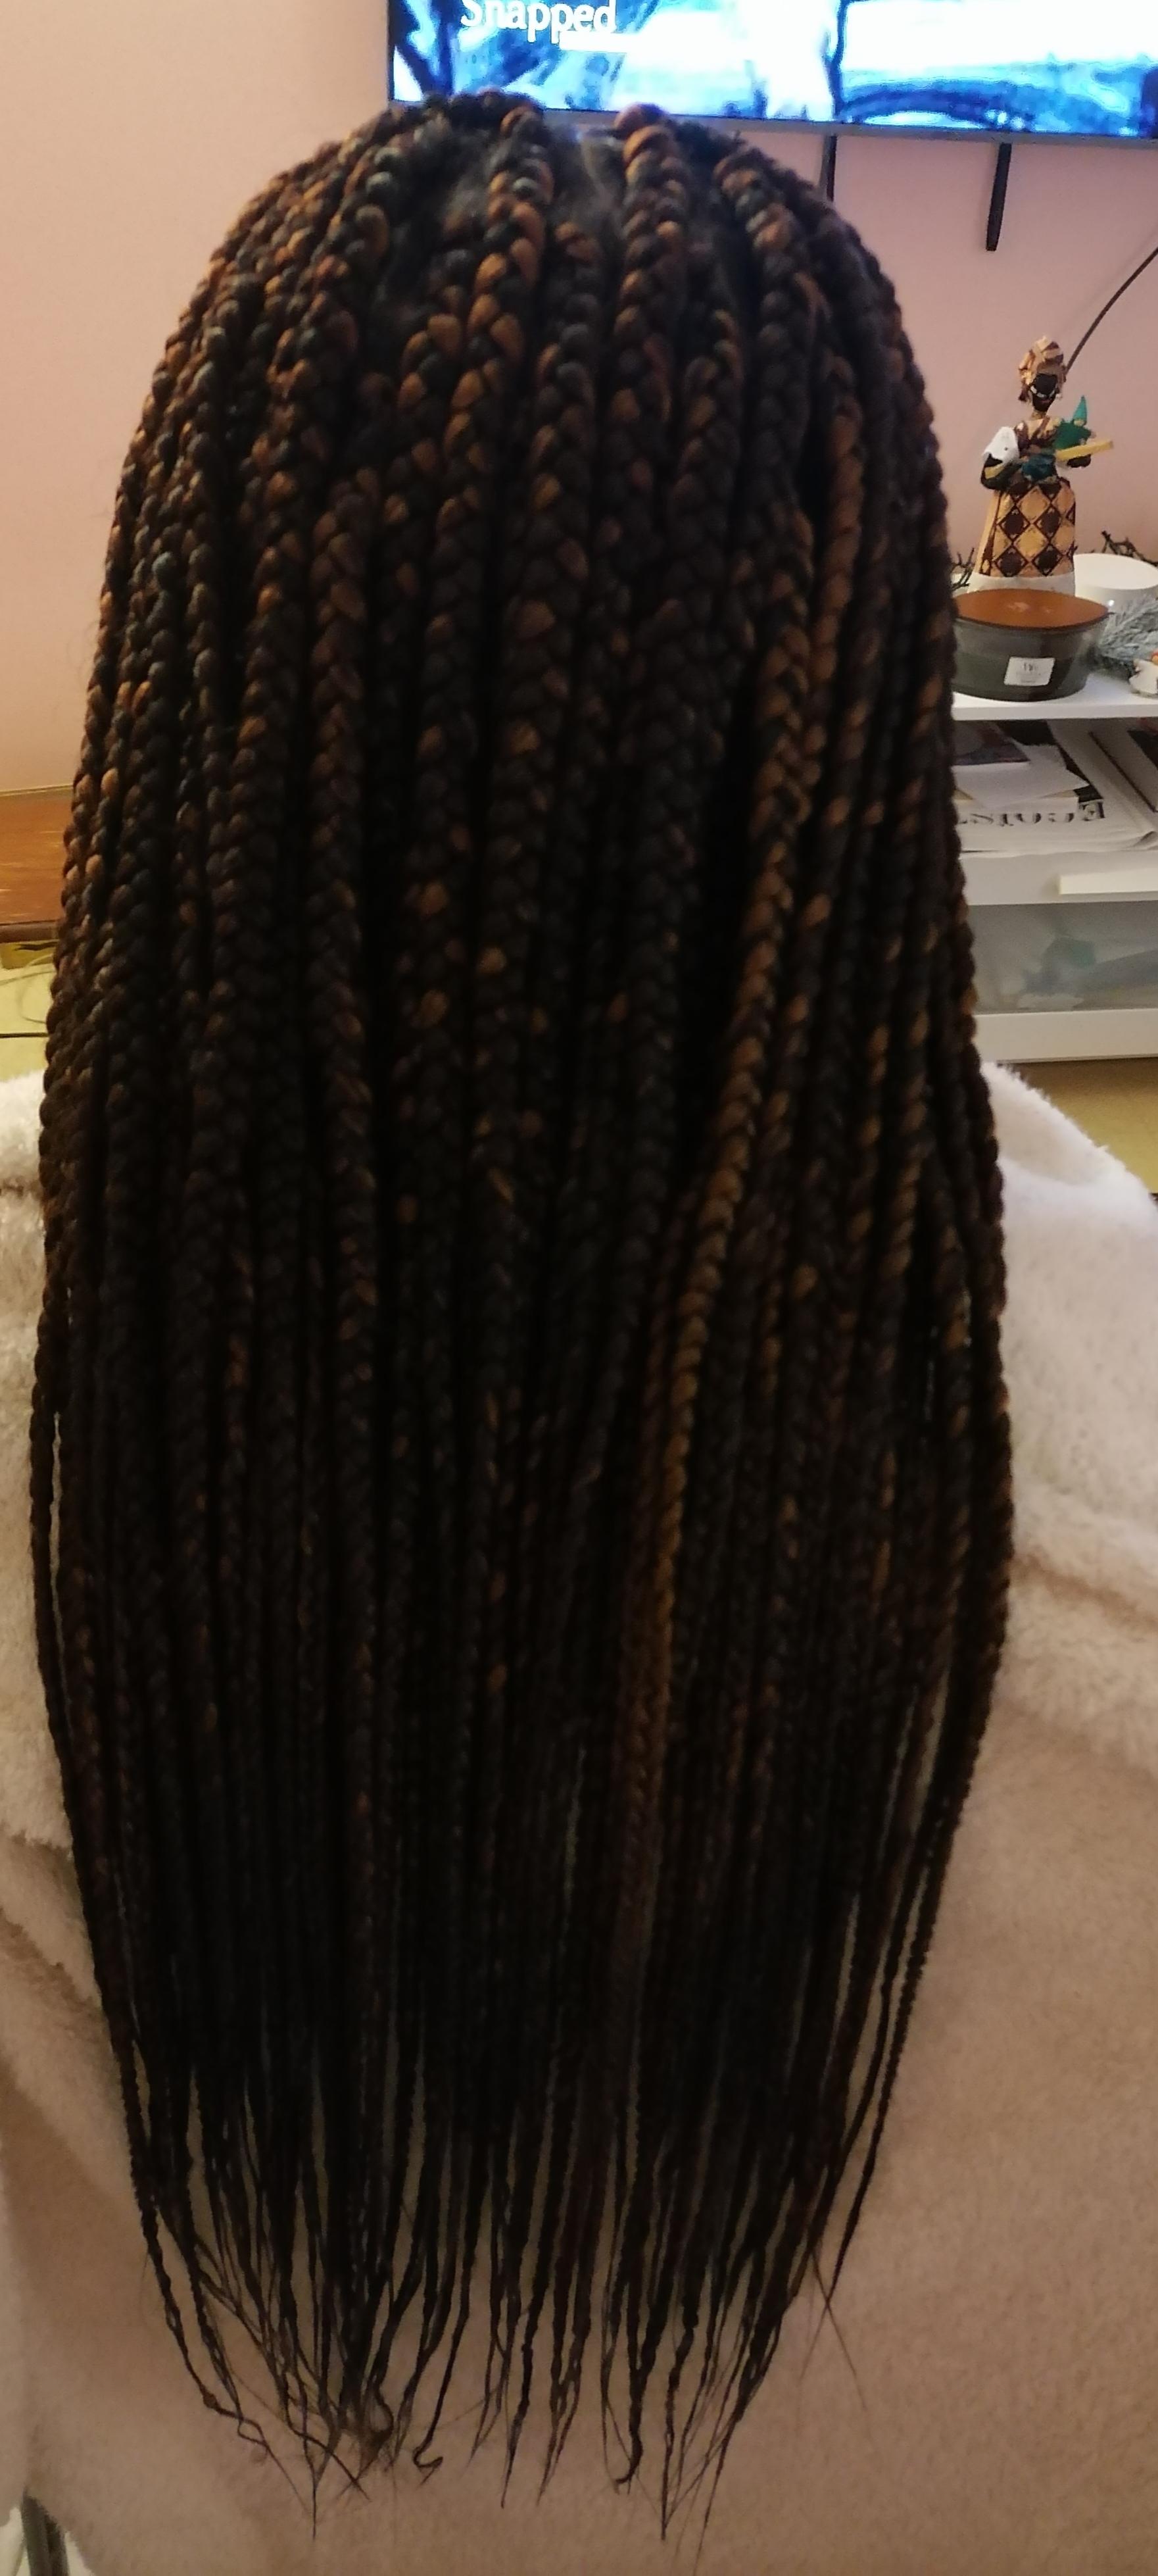 salon de coiffure afro tresse tresses box braids crochet braids vanilles tissages paris 75 77 78 91 92 93 94 95 ICPKDIOJ